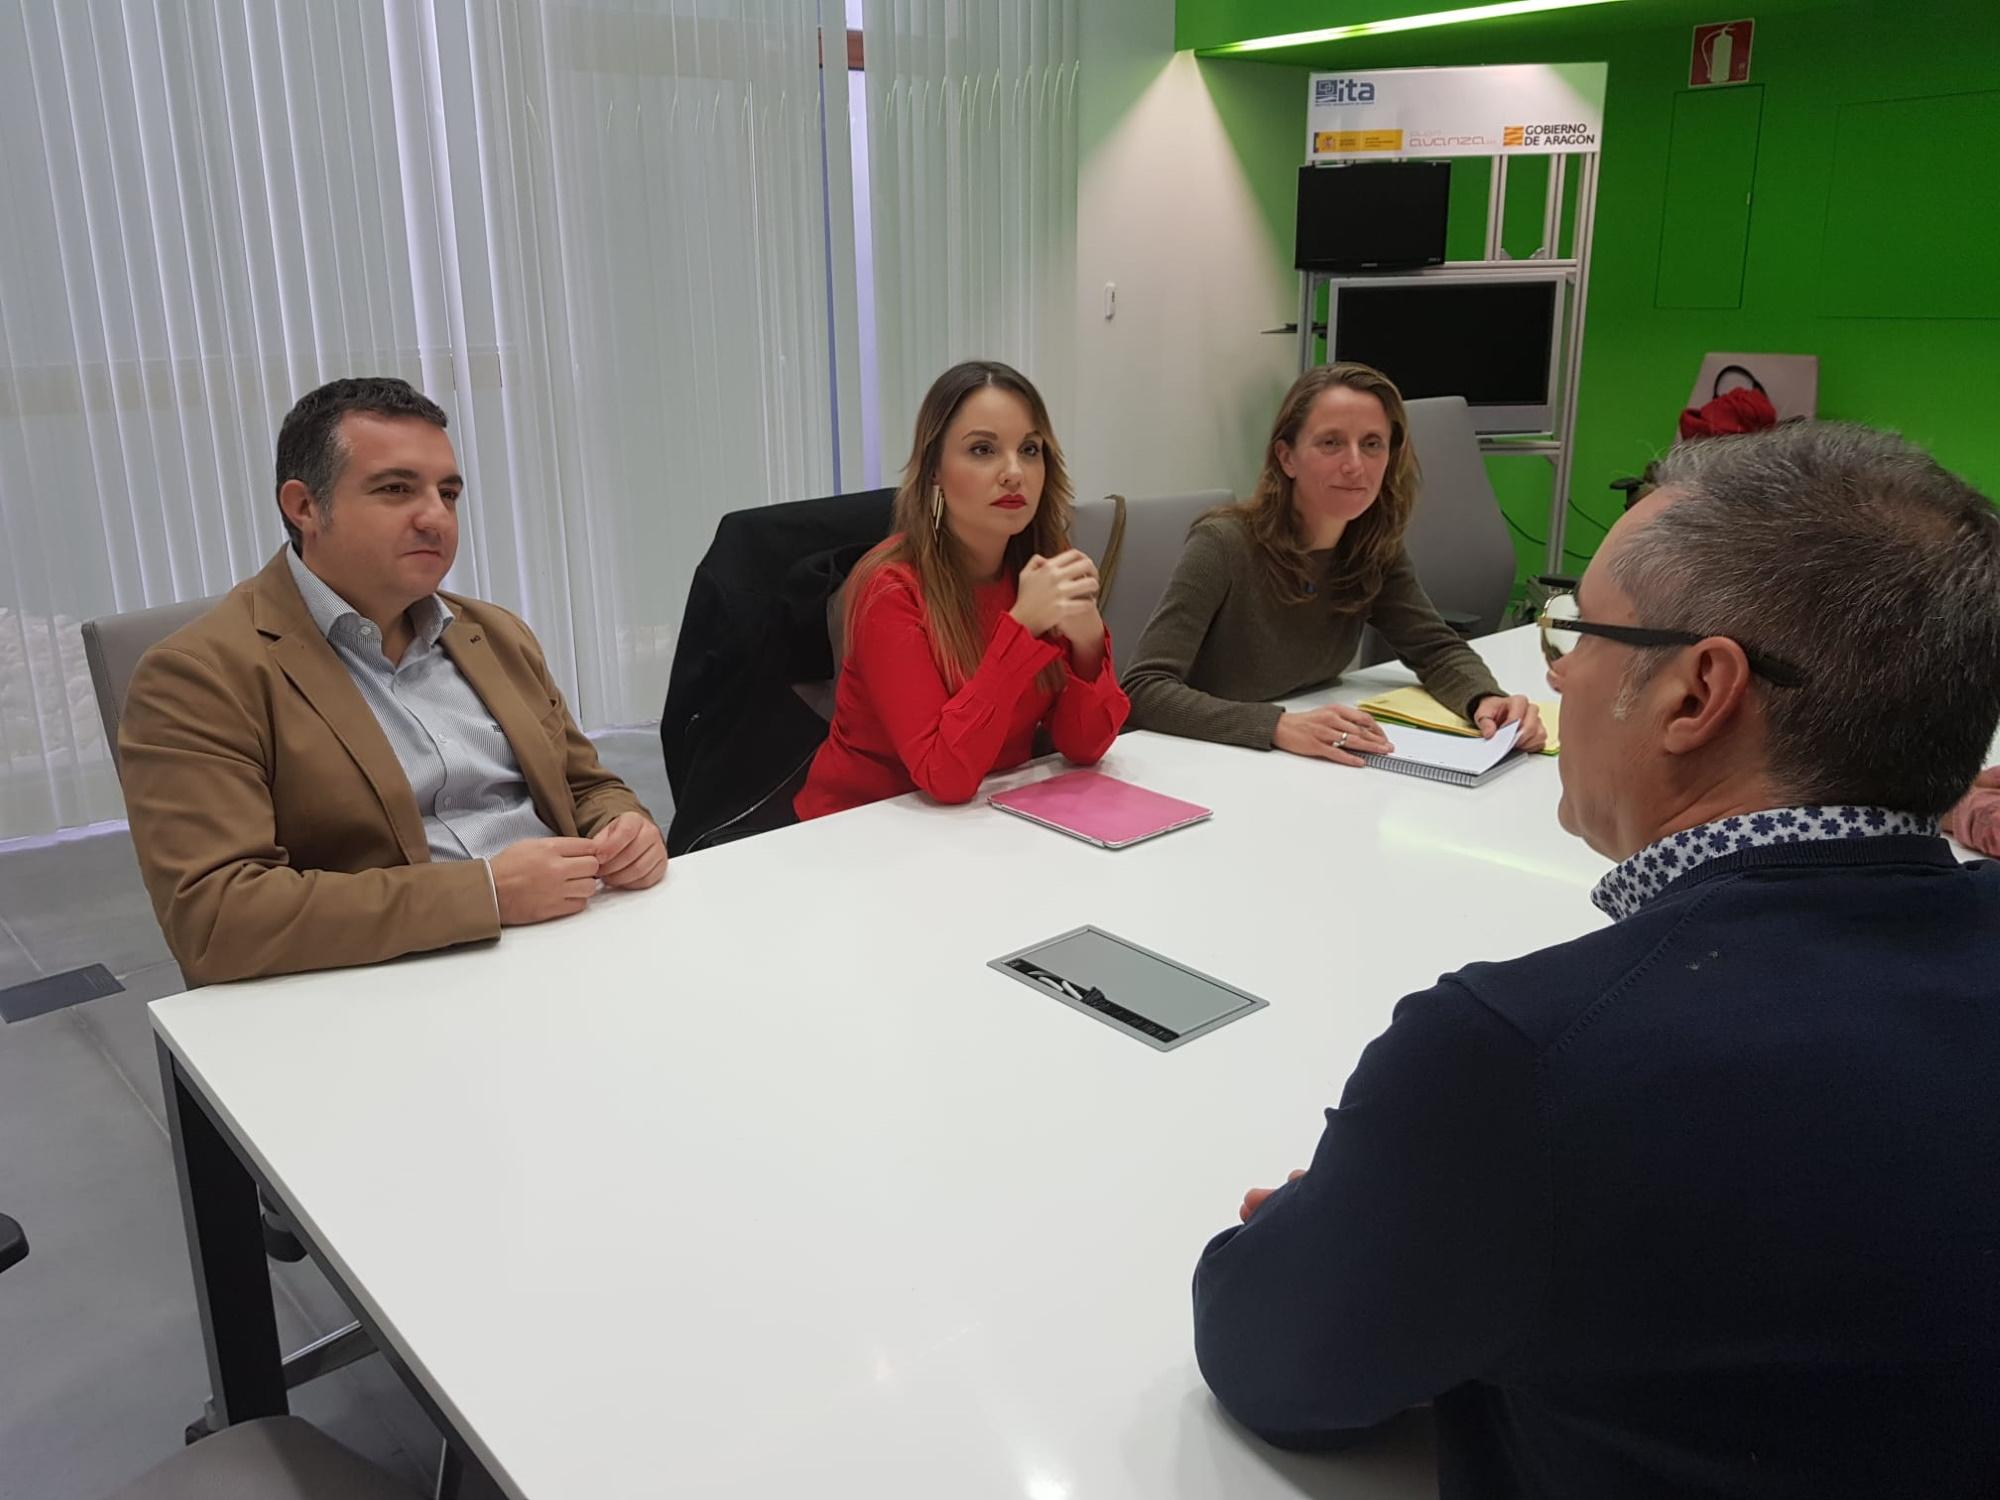 Impulso al centro de investigación y tecnología gastronómica, en el edificio de ITAINNOVA, en Huesca